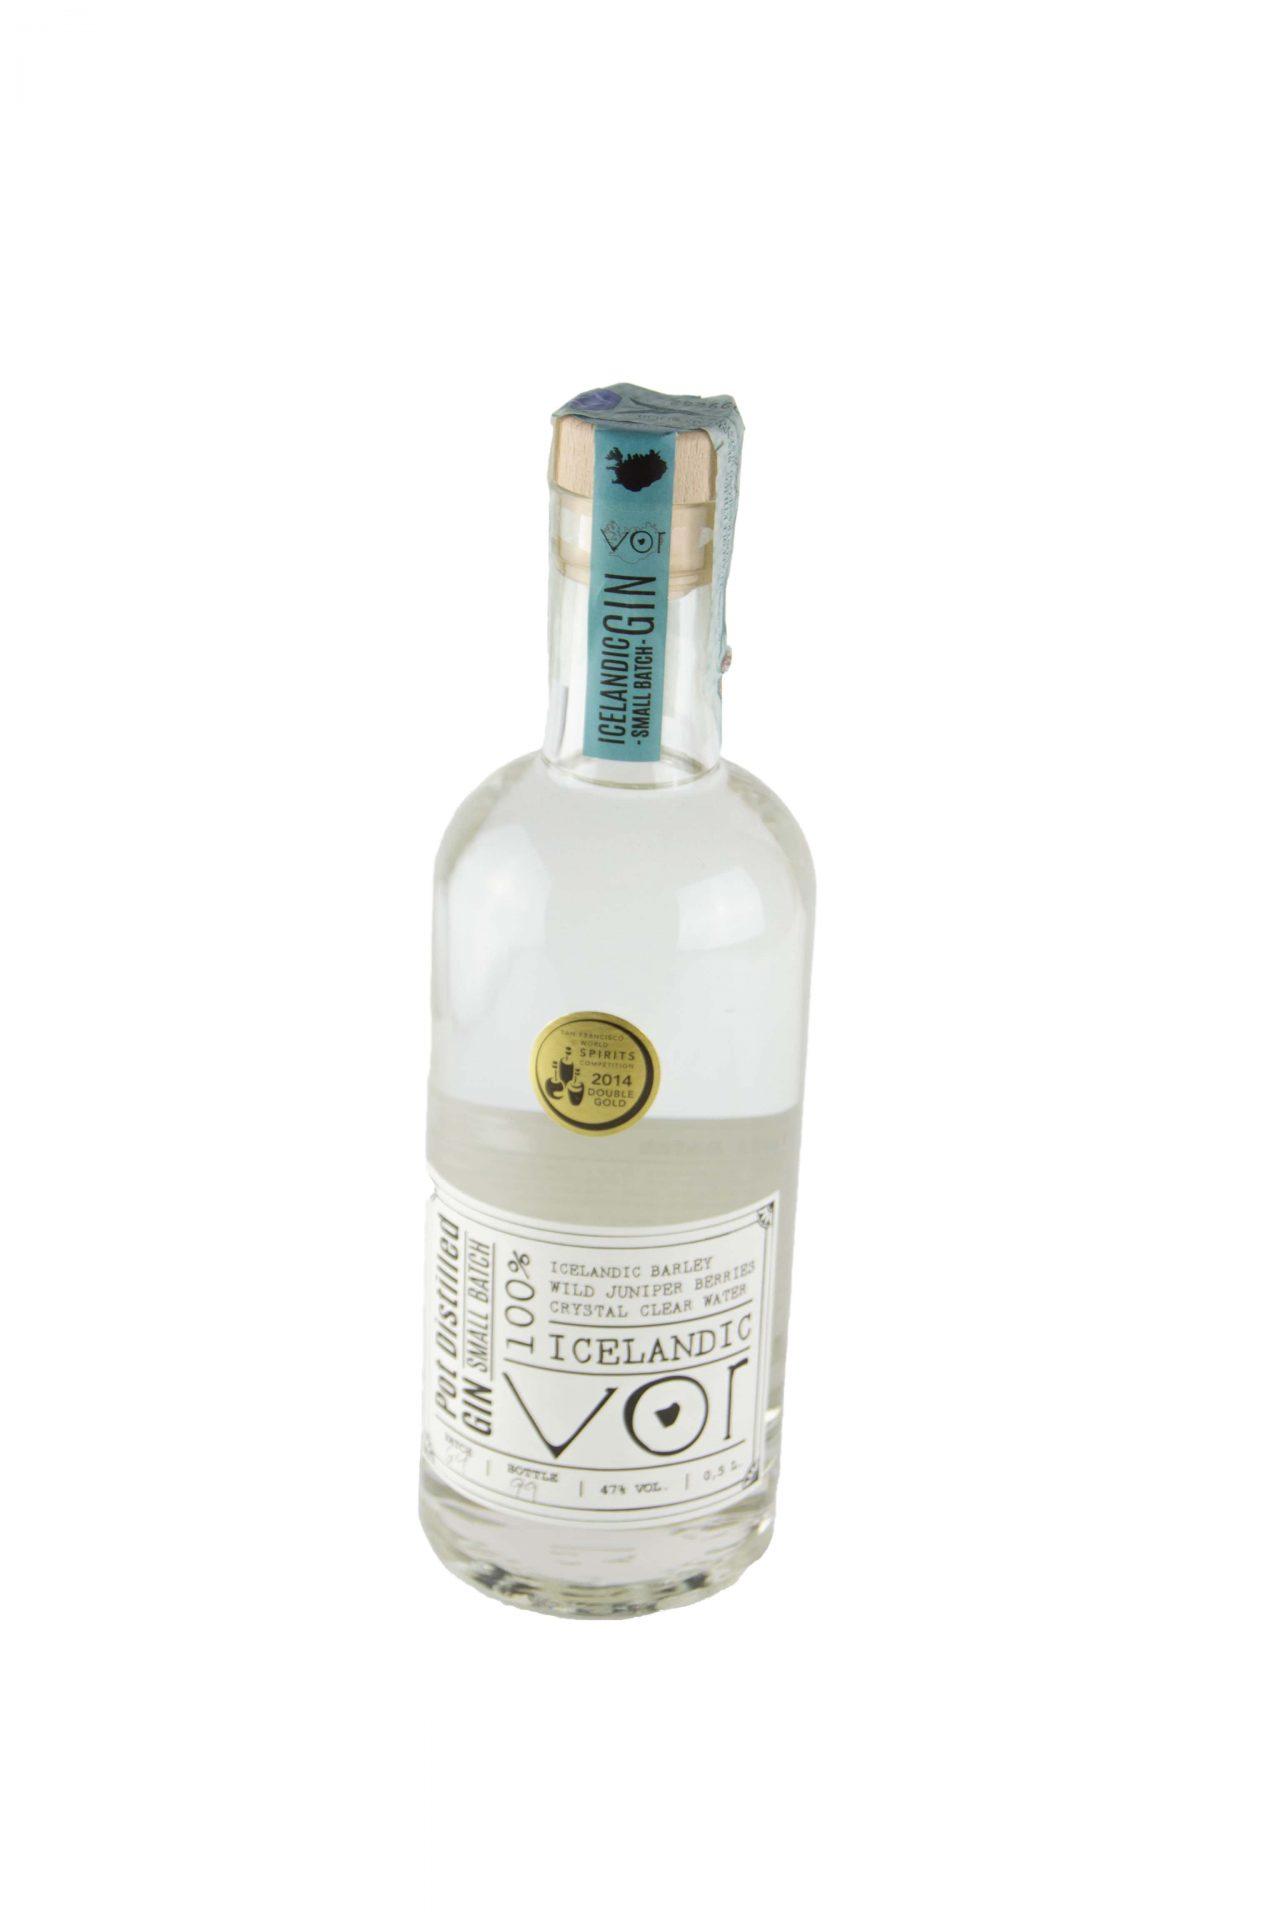 Vor Icelandic Gin – Floki